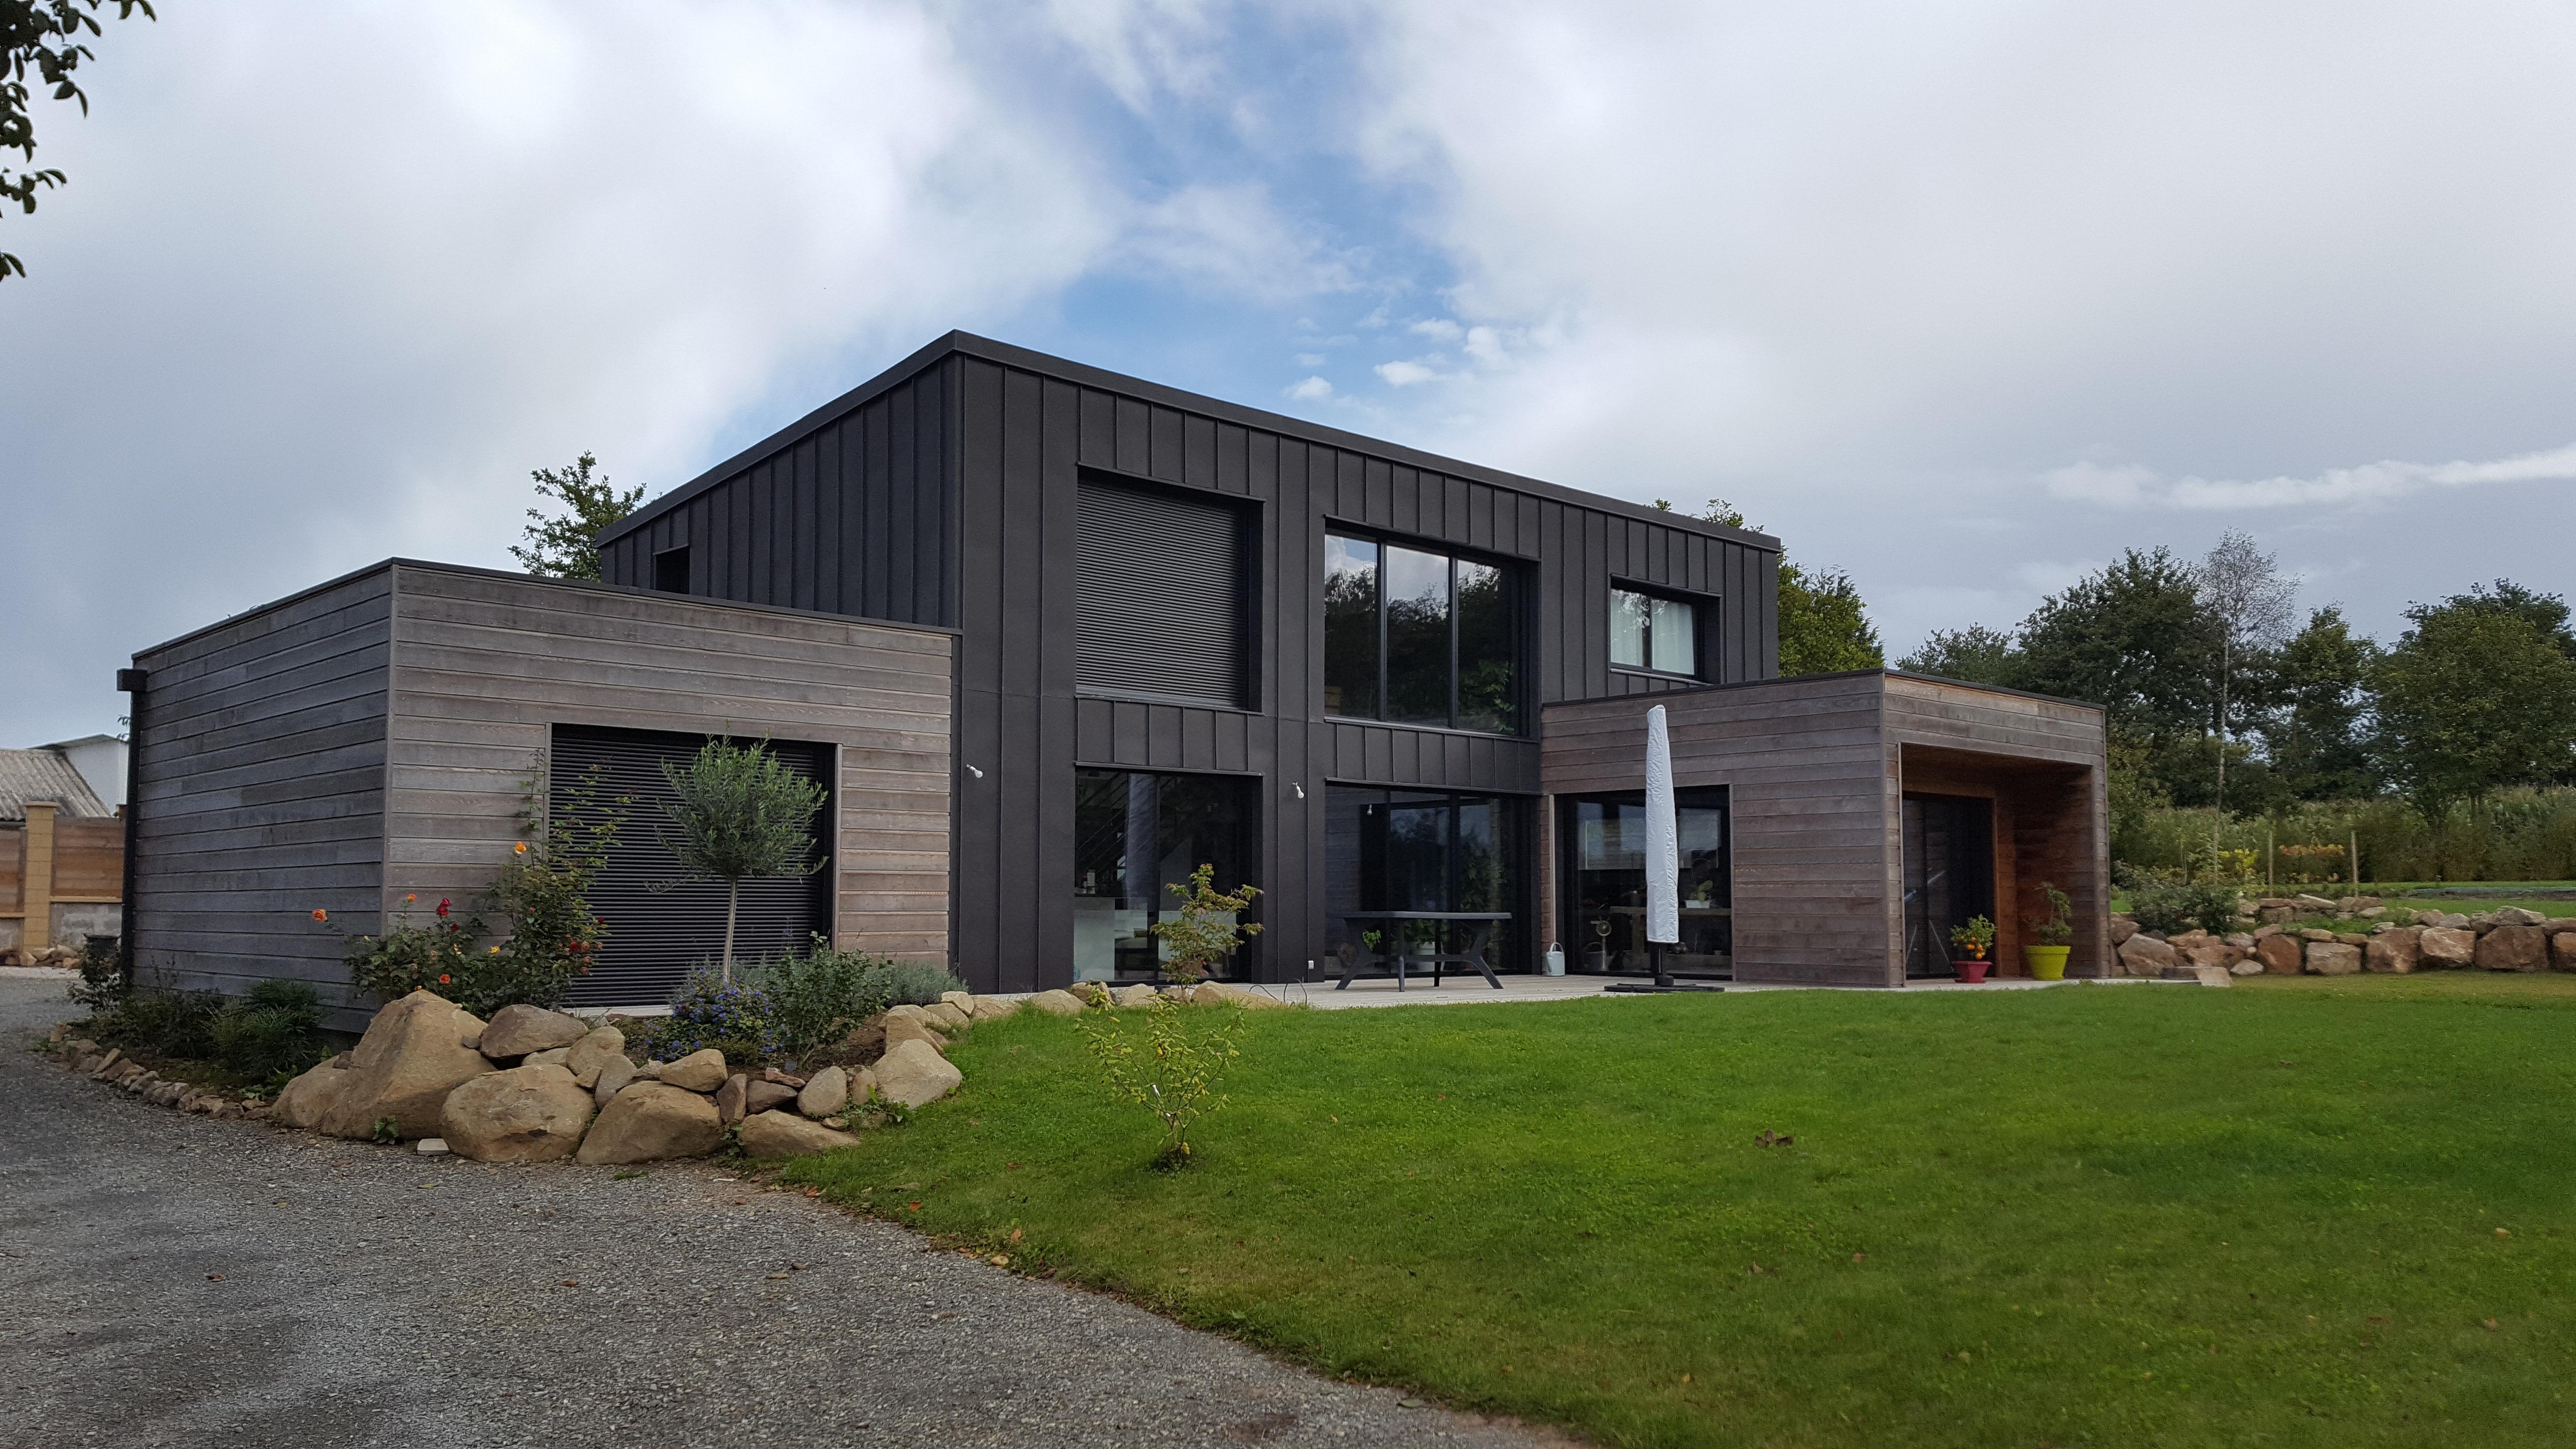 Constructeur De Maison Rennes maisons ossature bois à rennes - scob